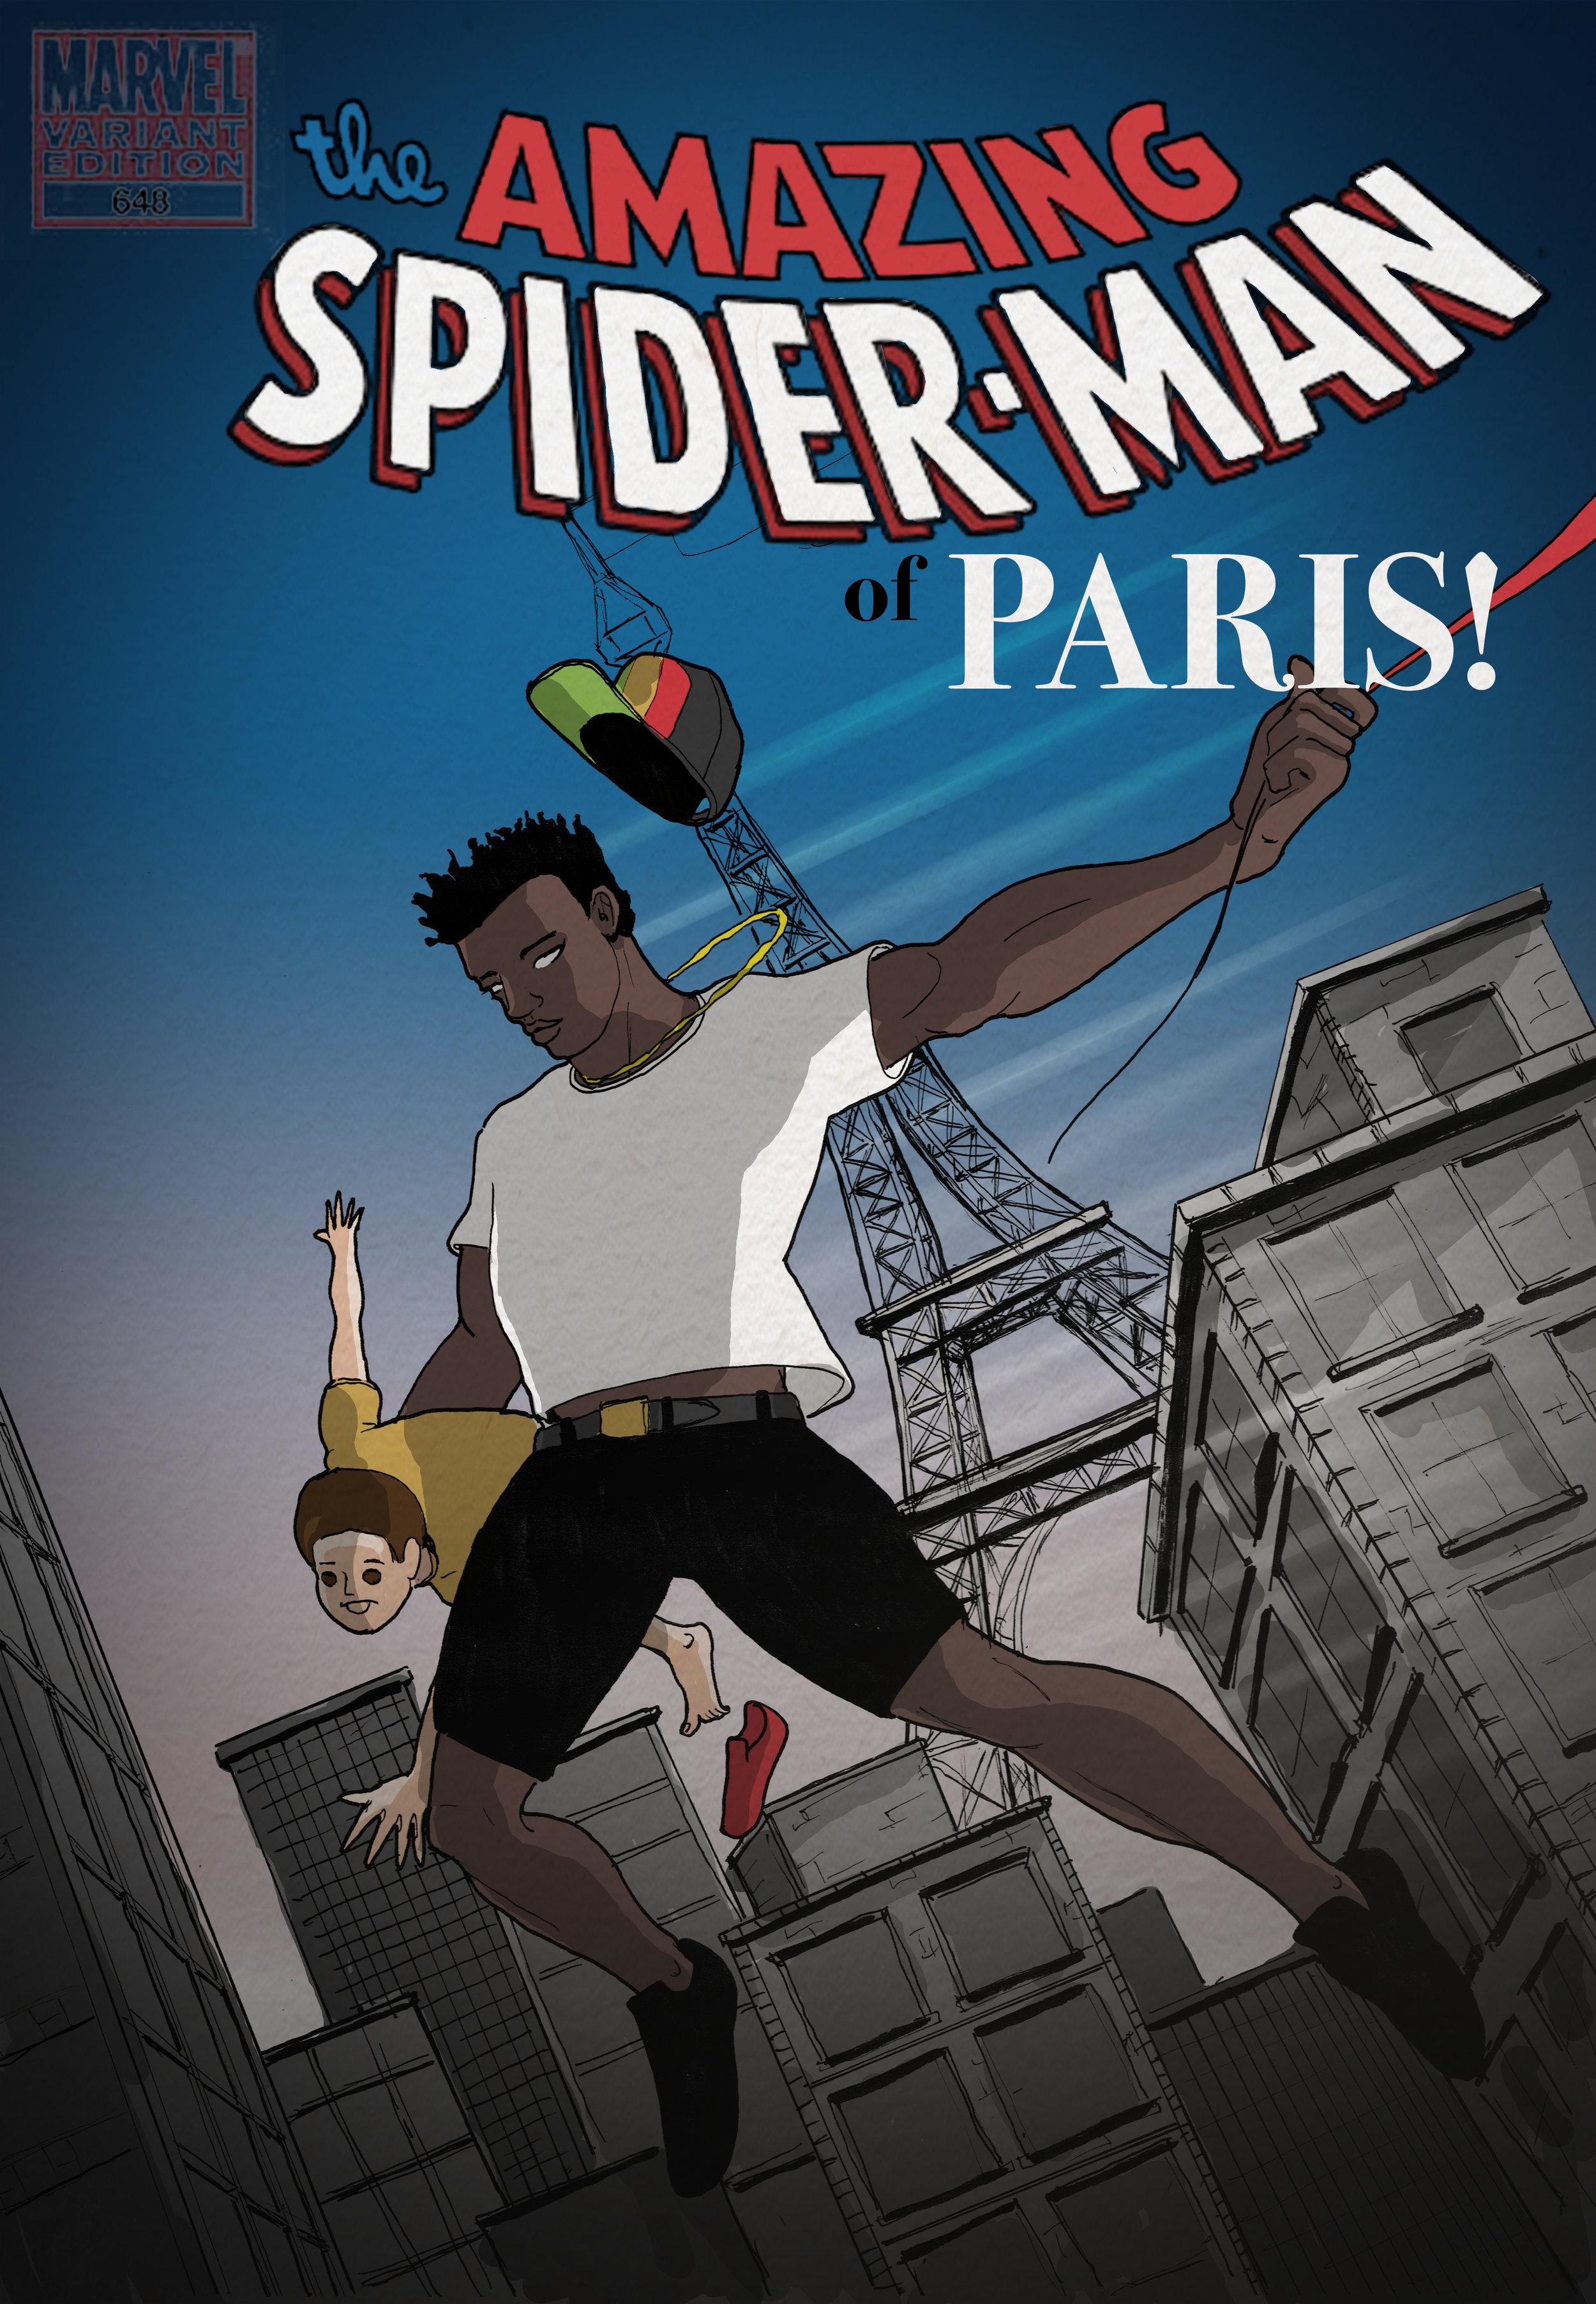 Paris Spider Man 3.jpg